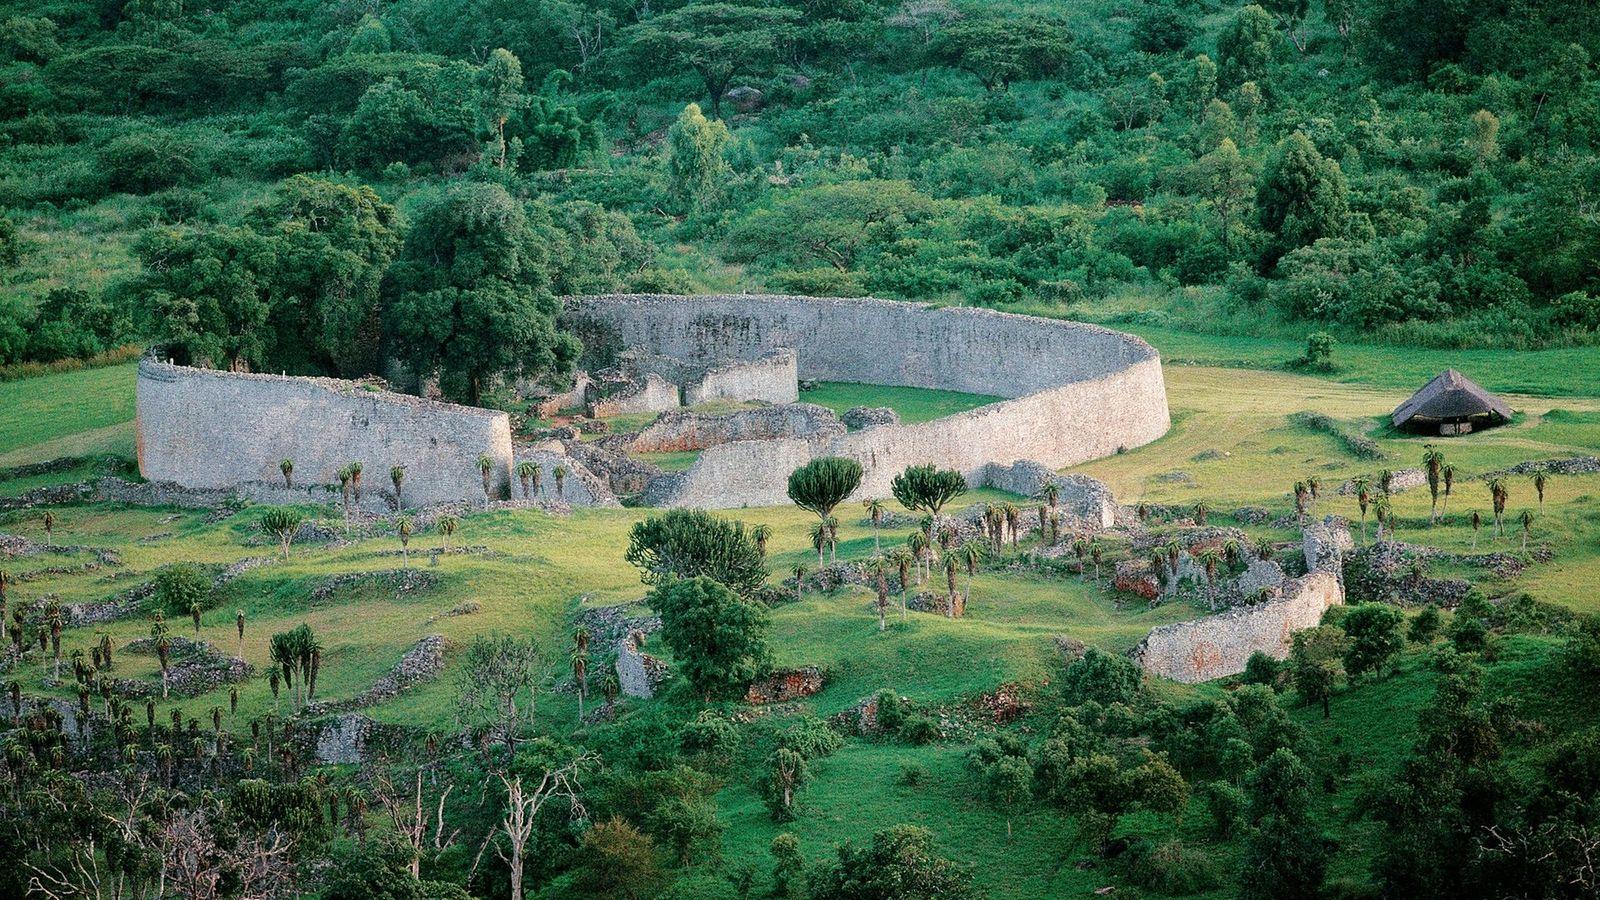 La large muraille qui constitue le Grand enclos du site du Grand Zimbabwe, construit entre le ...